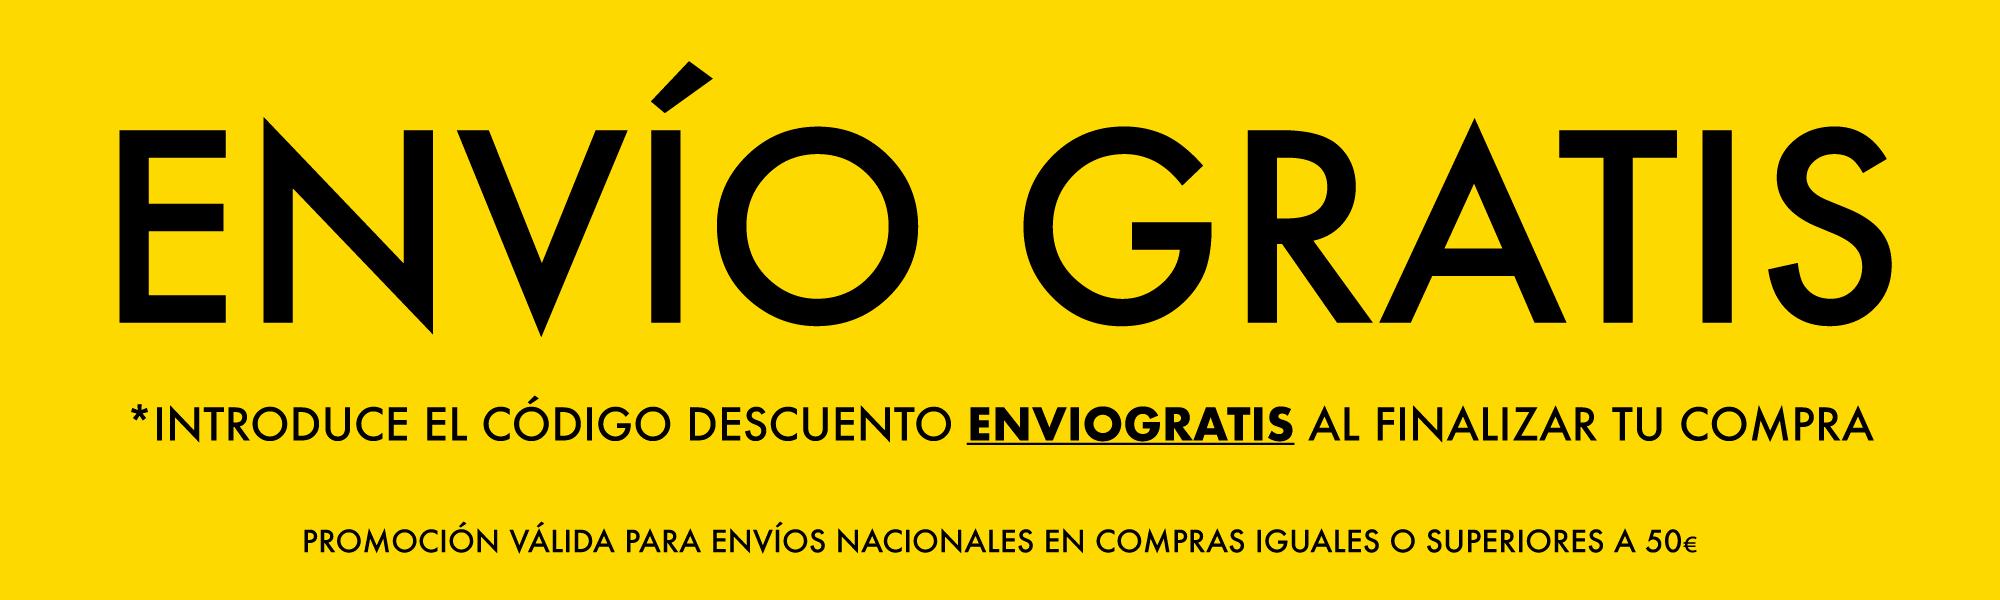 slide-envio-gratis